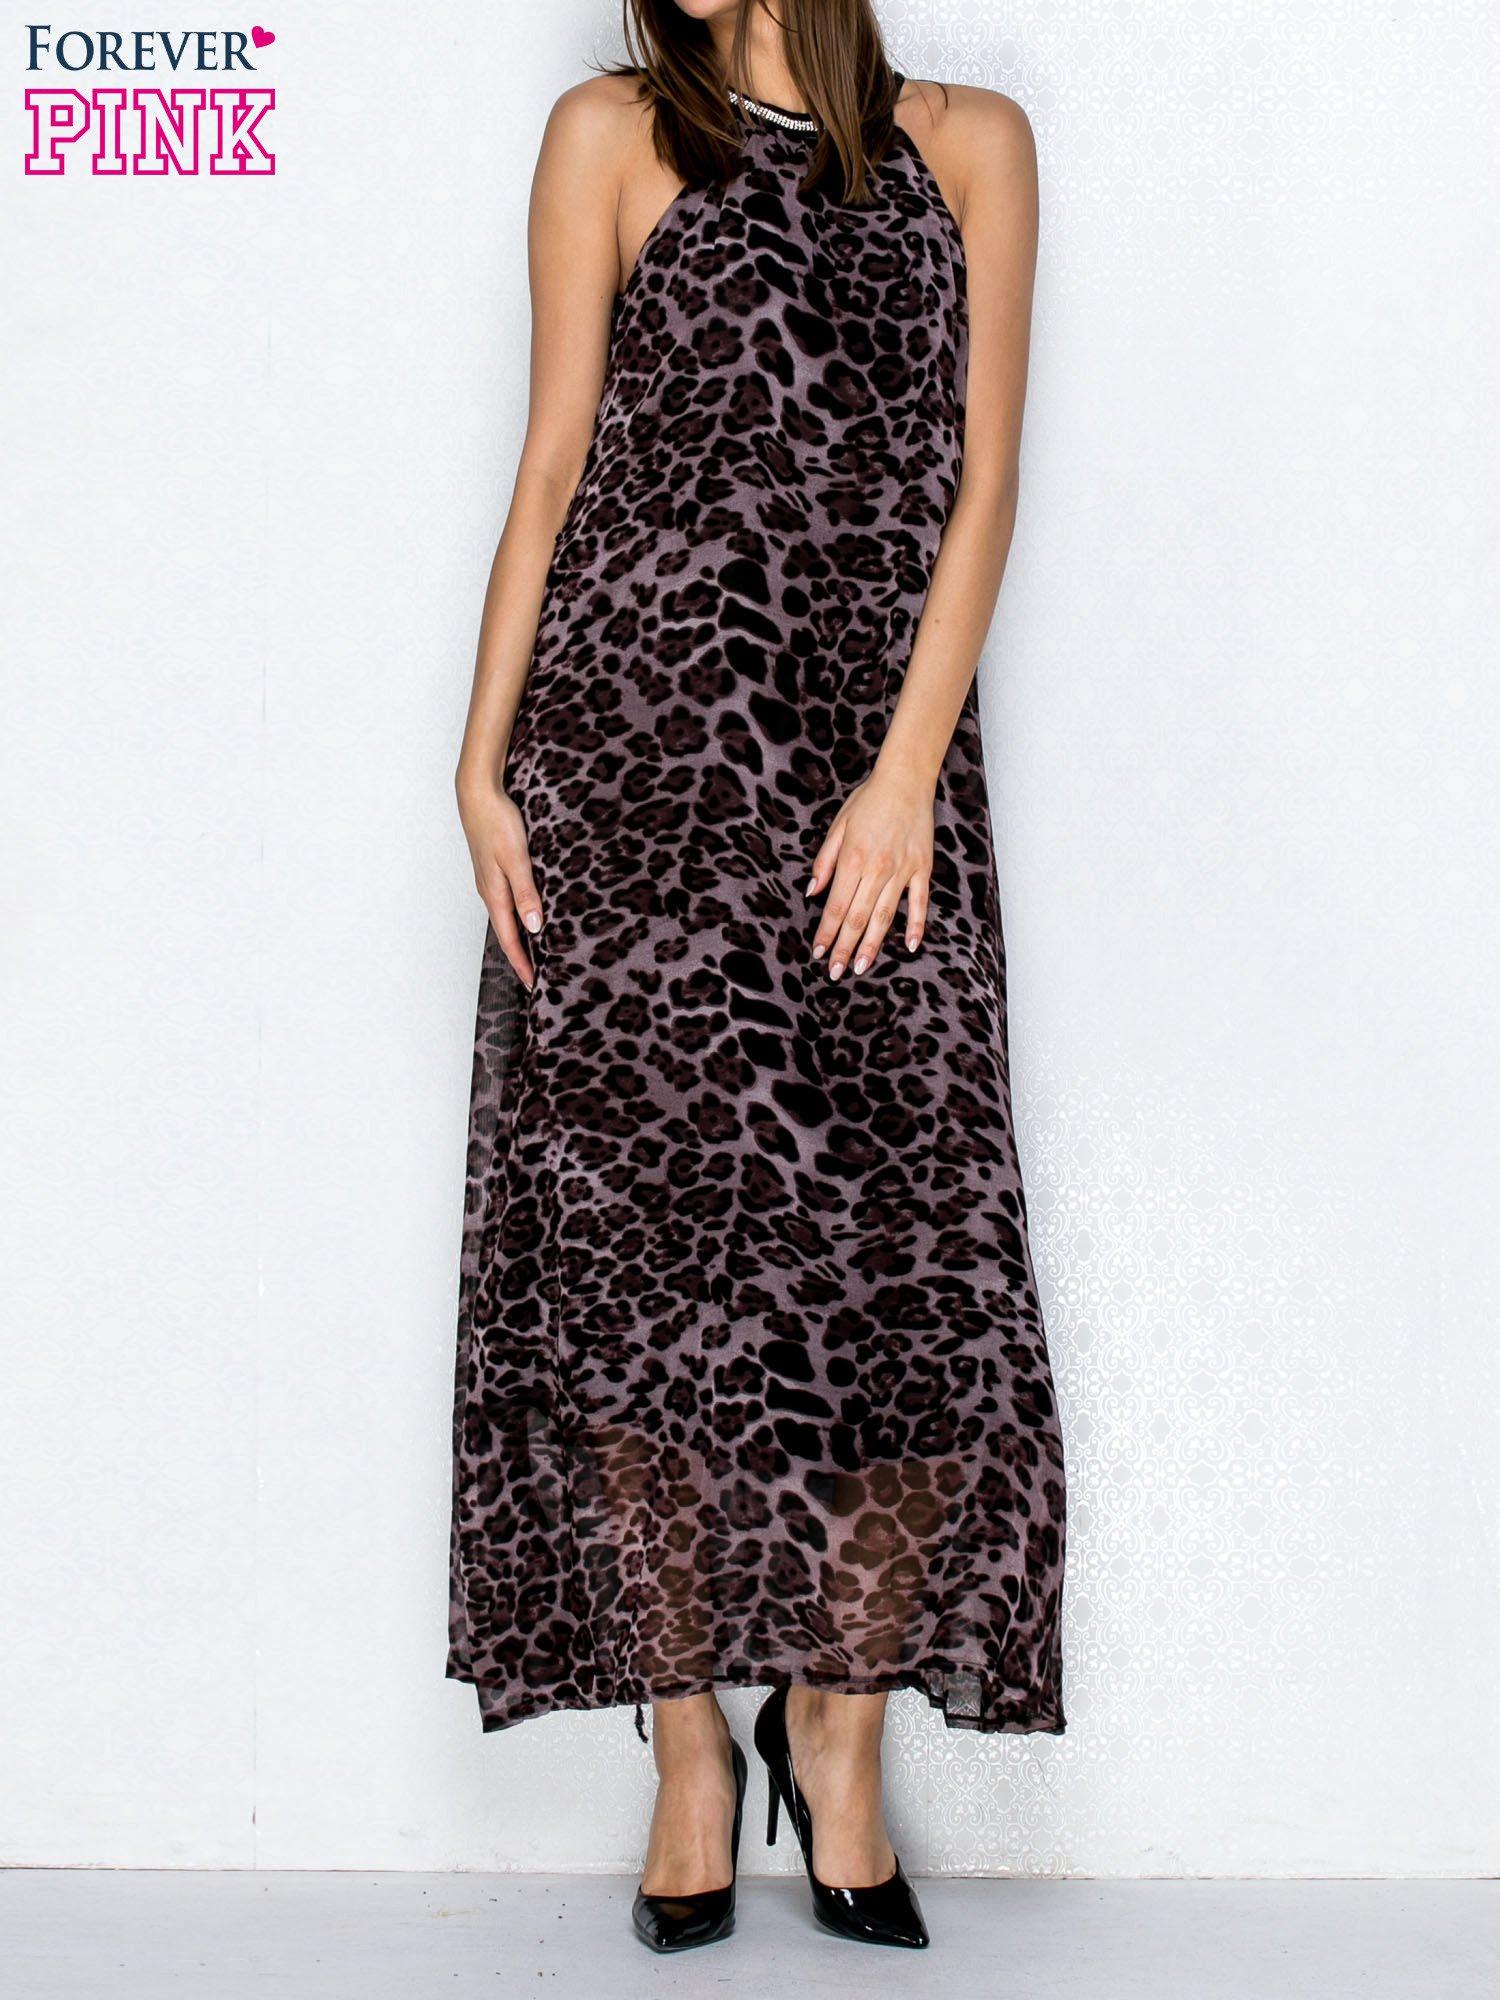 Fioletowa sukienka maxi w panterę z biżuteryjnym dekoltem                                  zdj.                                  1